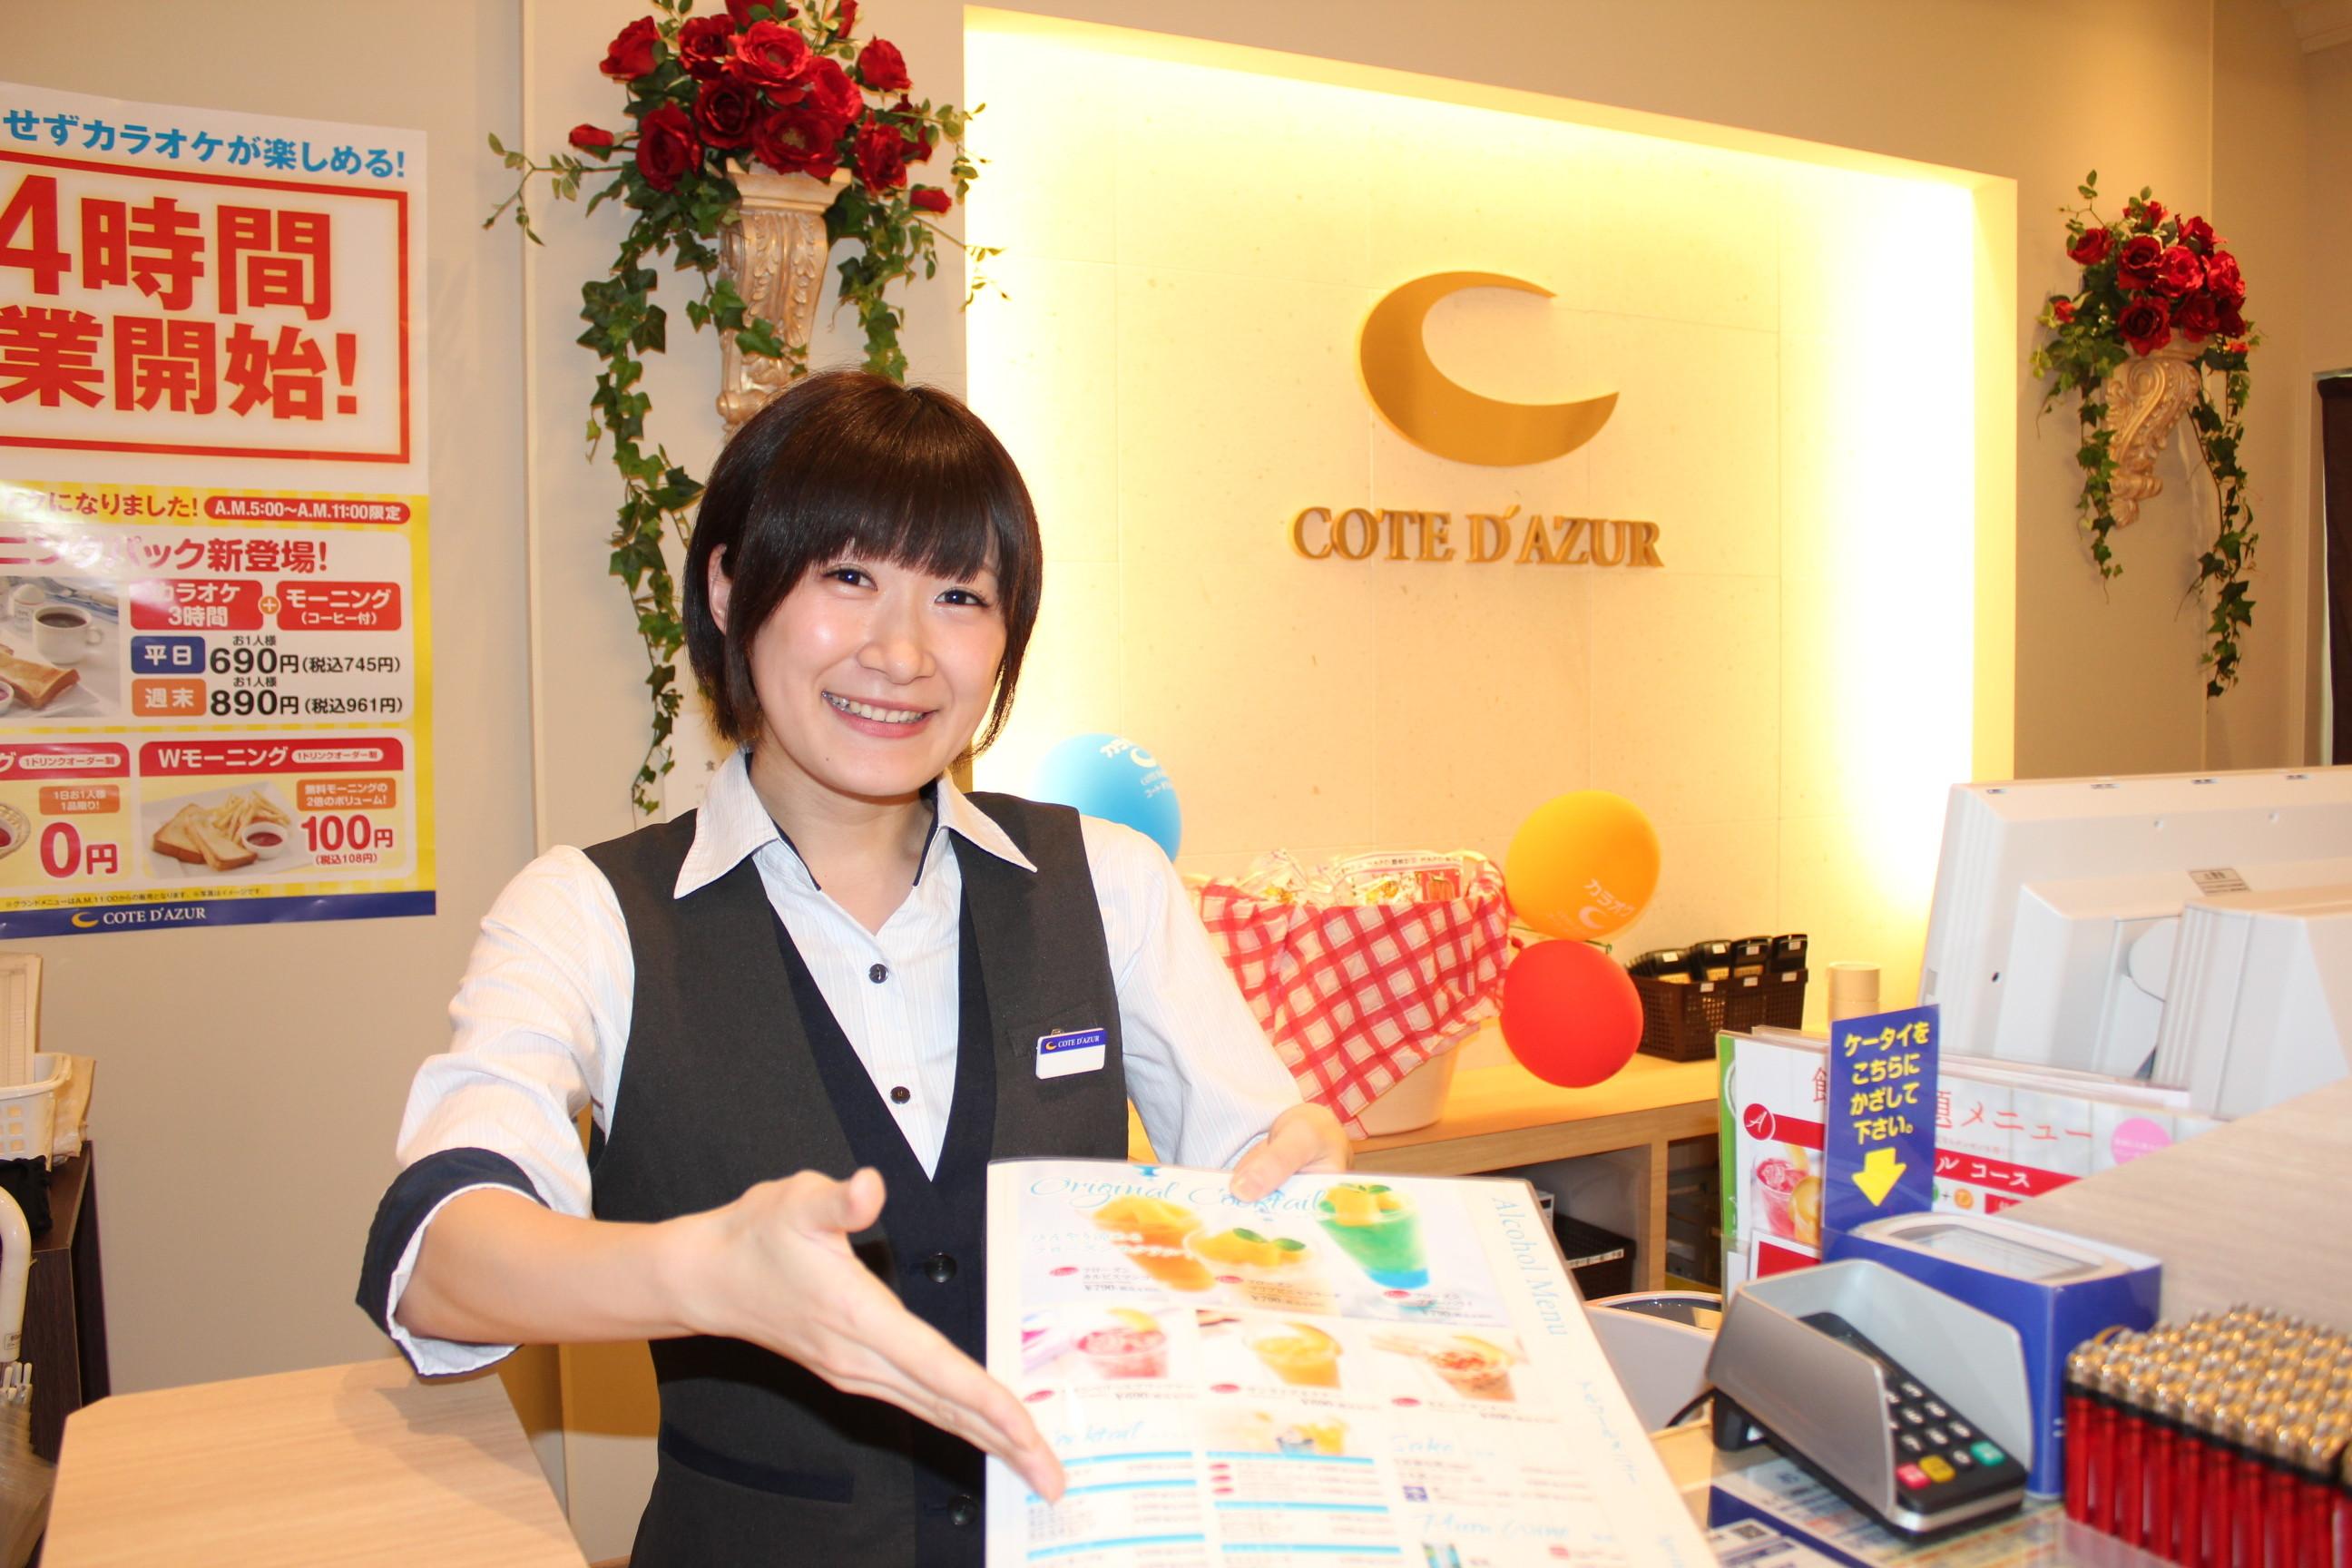 コート・ダジュール 佐久平駅前店 のアルバイト情報